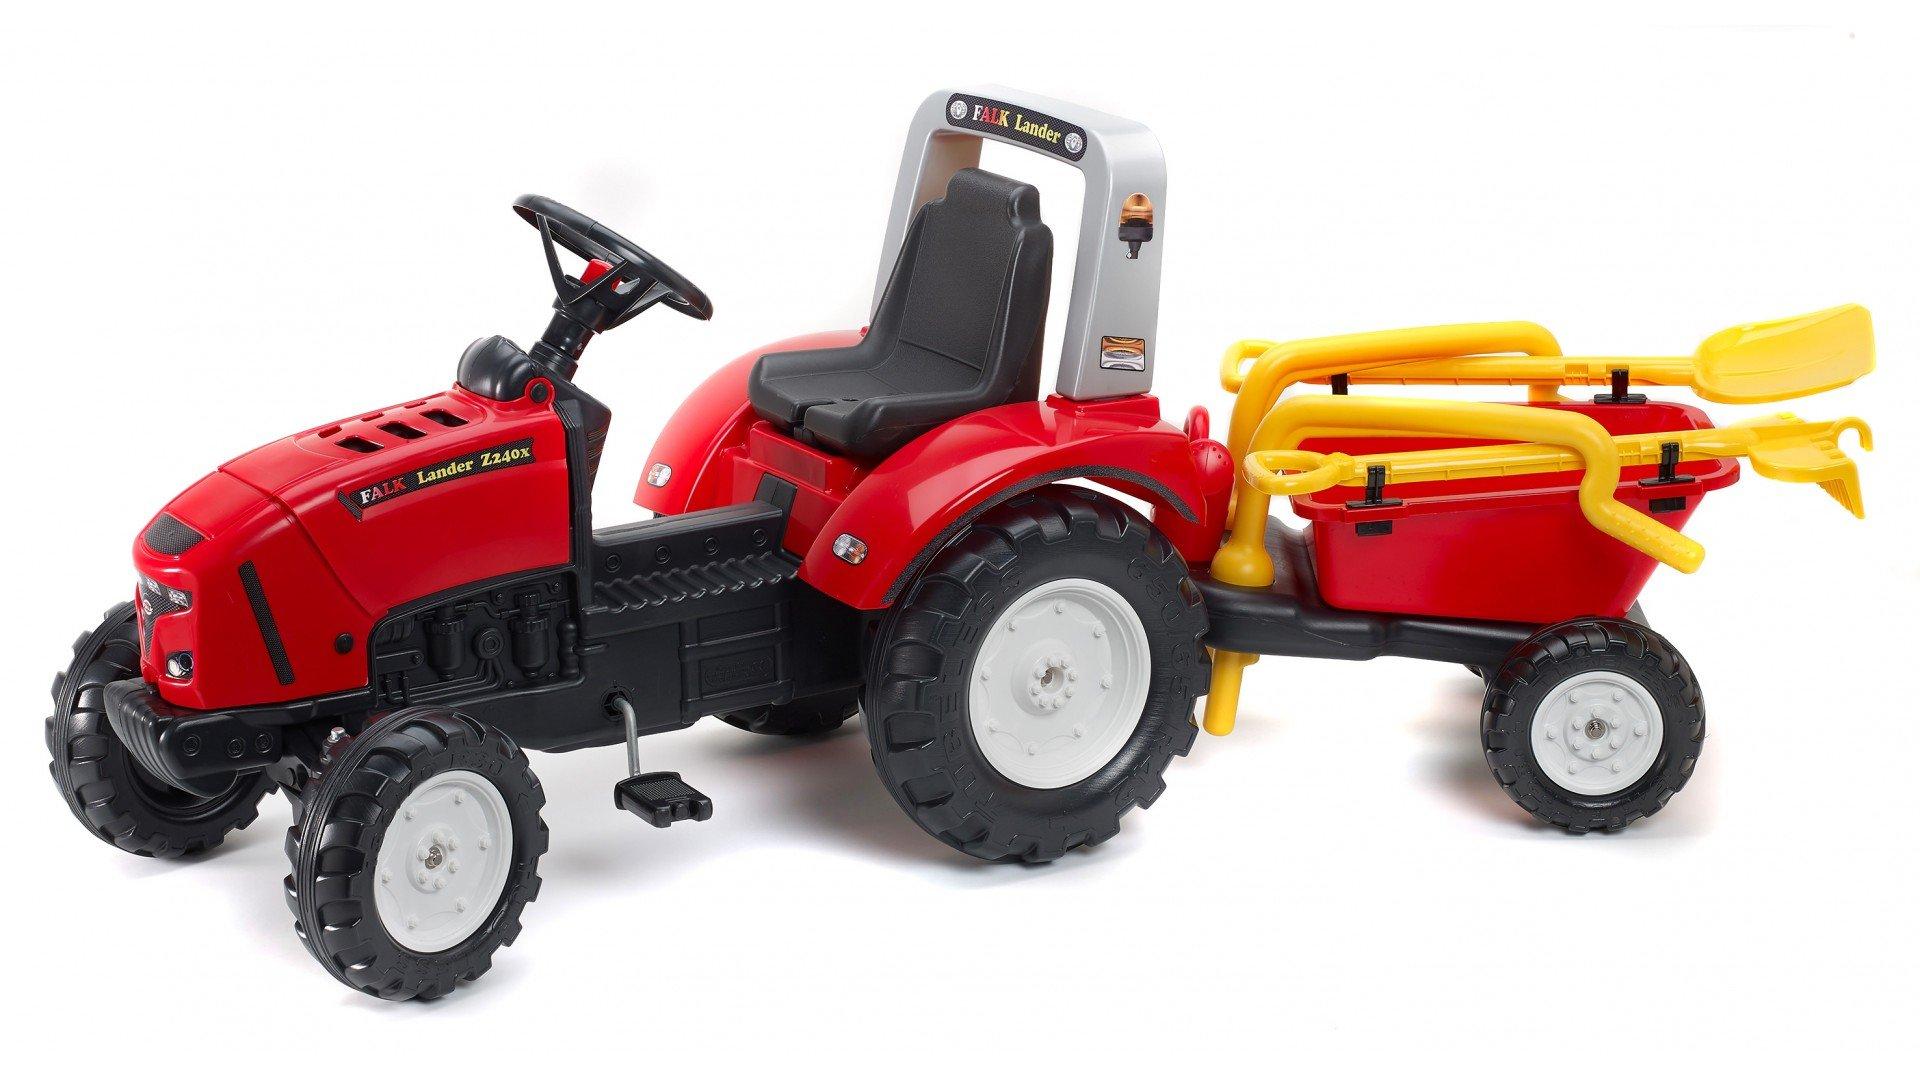 Tractor falk lander z240x rojo + remolque + accesorios